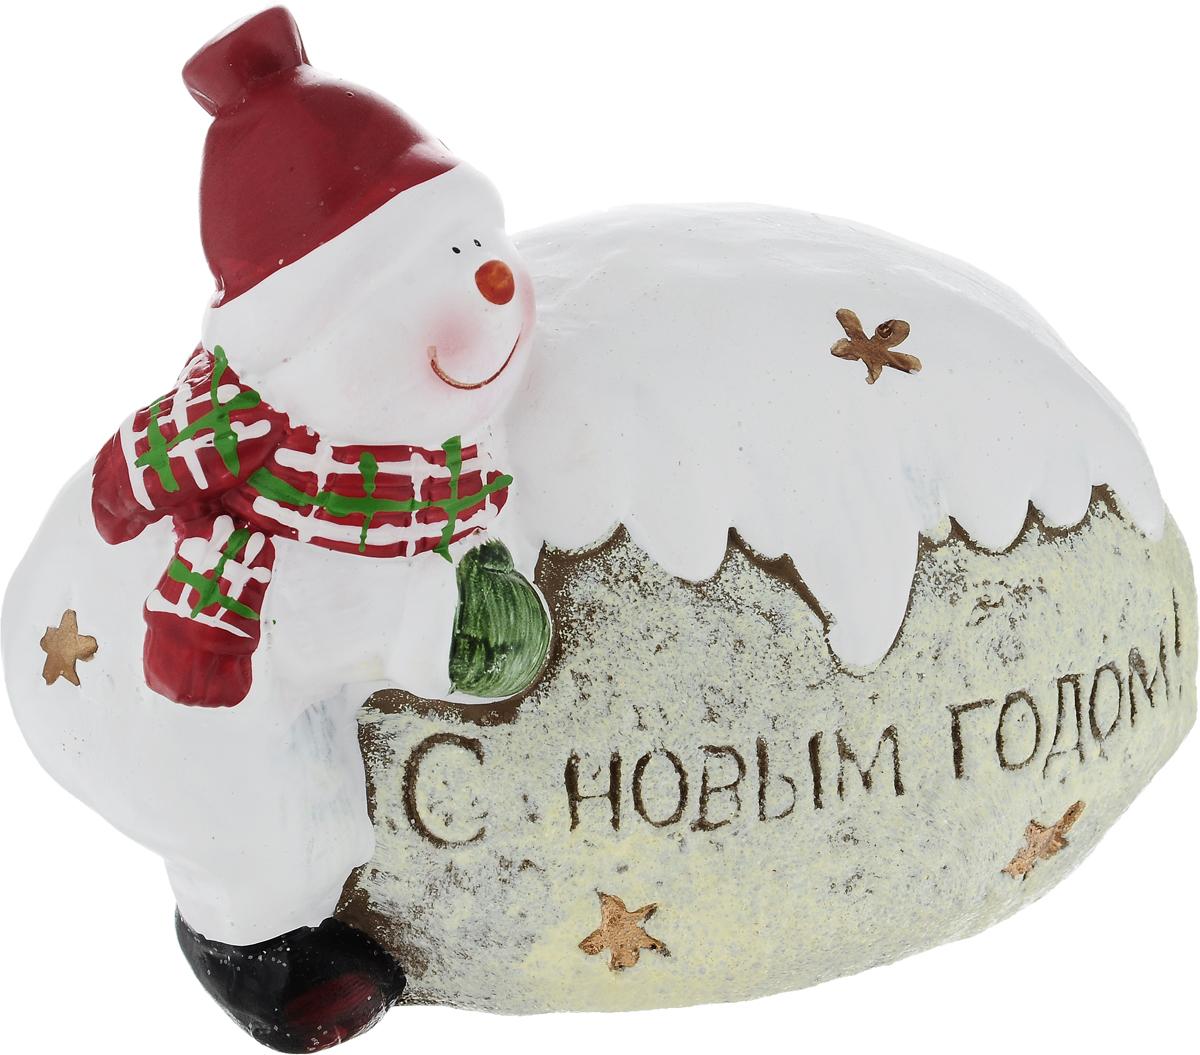 Фигурка деоративная House & Holder Снеговик с сугробом, 14 х 8 х 11,5 смKK10496Фигурка декоративная House & Holder Снеговик с сугробом, выполненная из керамики, станет оригинальным подарком для всех любителей необычных вещей. Изделие оформлено блестками. Изысканный сувенир станет прекрасным дополнением к интерьеру. Вы можете поставить фигурку в любом месте, где она будет удачно смотреться и радовать глаз.